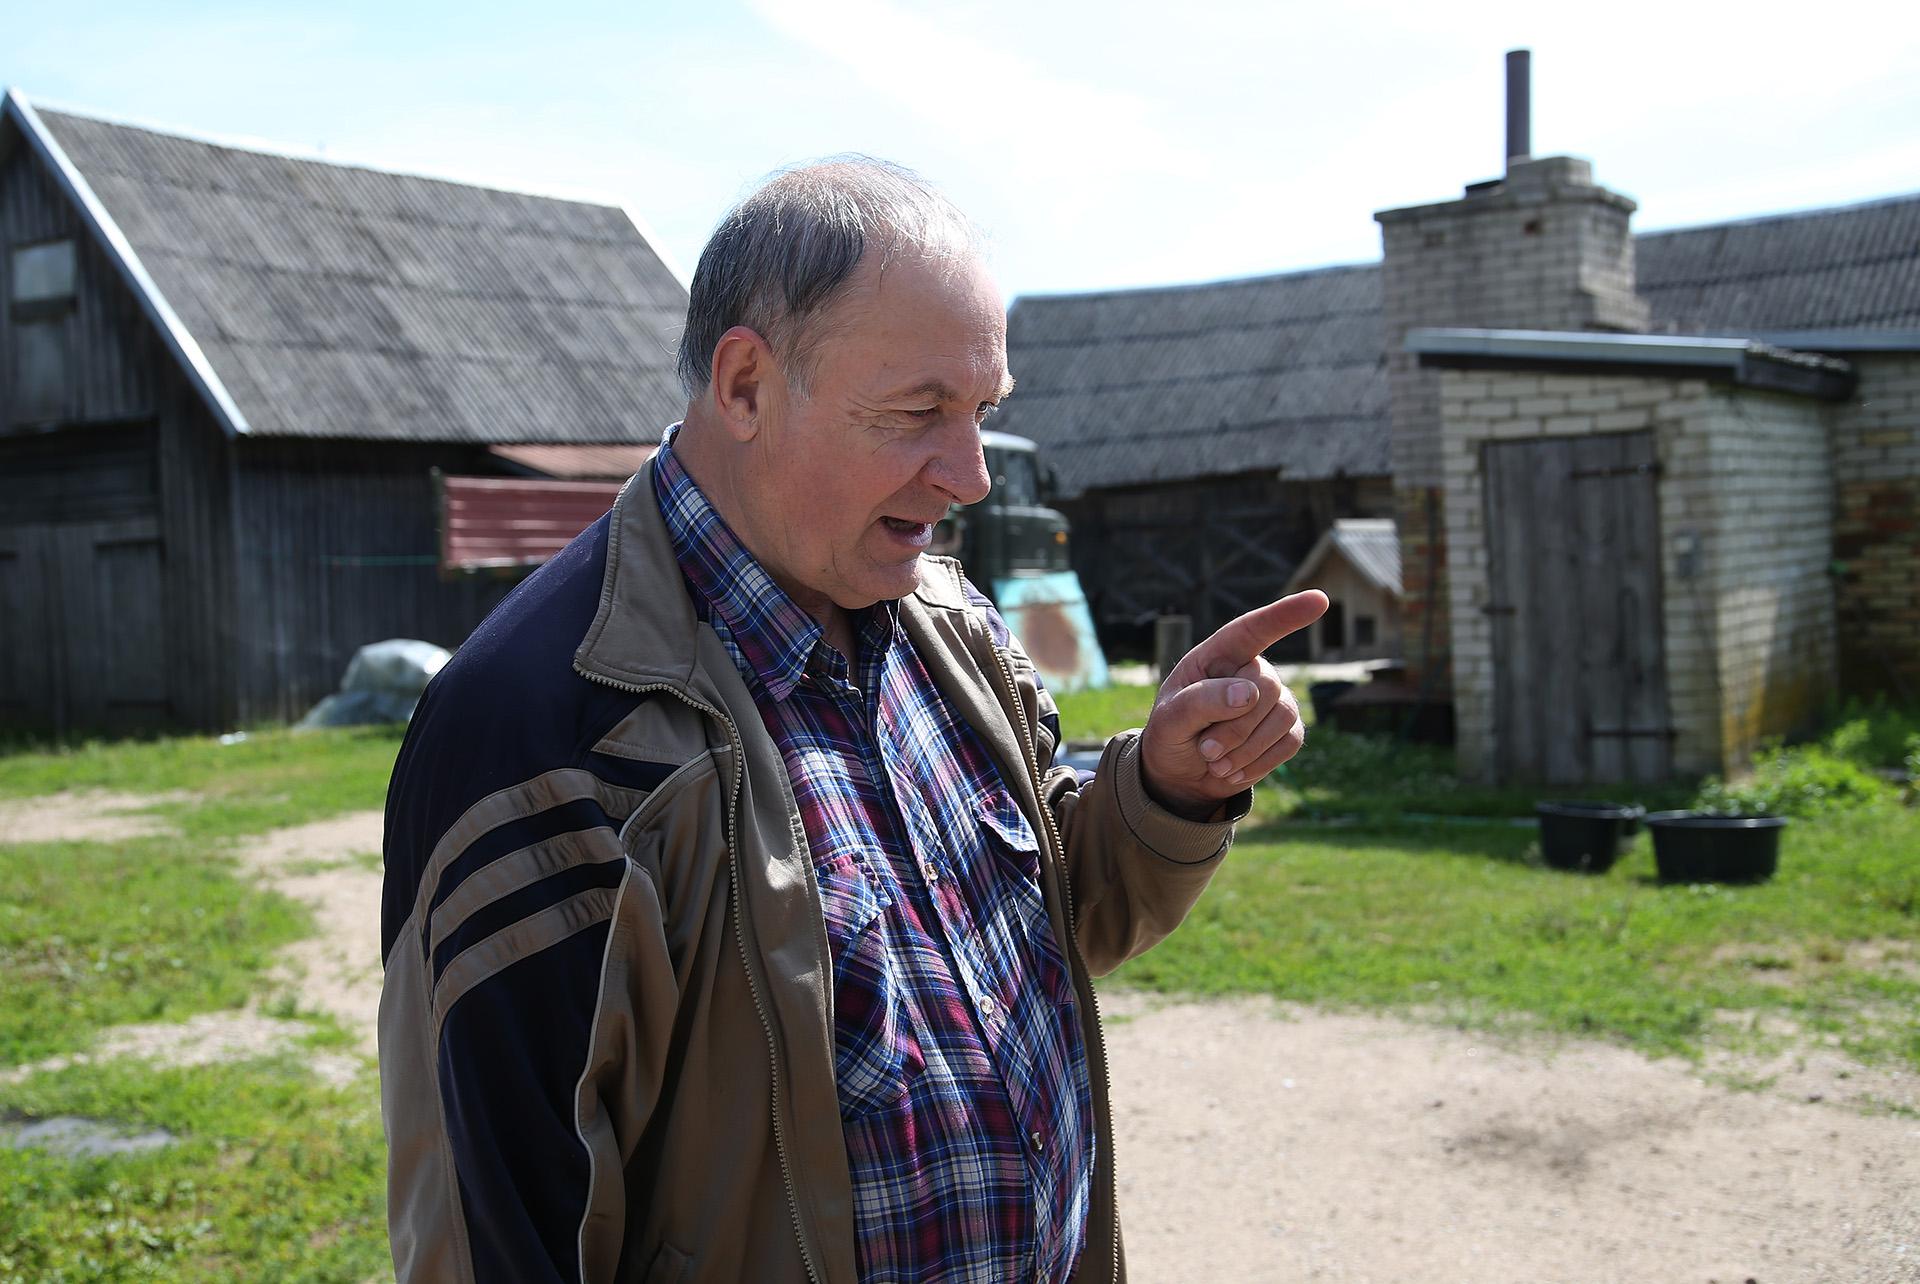 Leoną žmonės tyčia ar netyčia yra išrinkę kaimo šviesuoliu, mat vyras daug pasaulio matęs. A. Barzdžiaus nuotr.